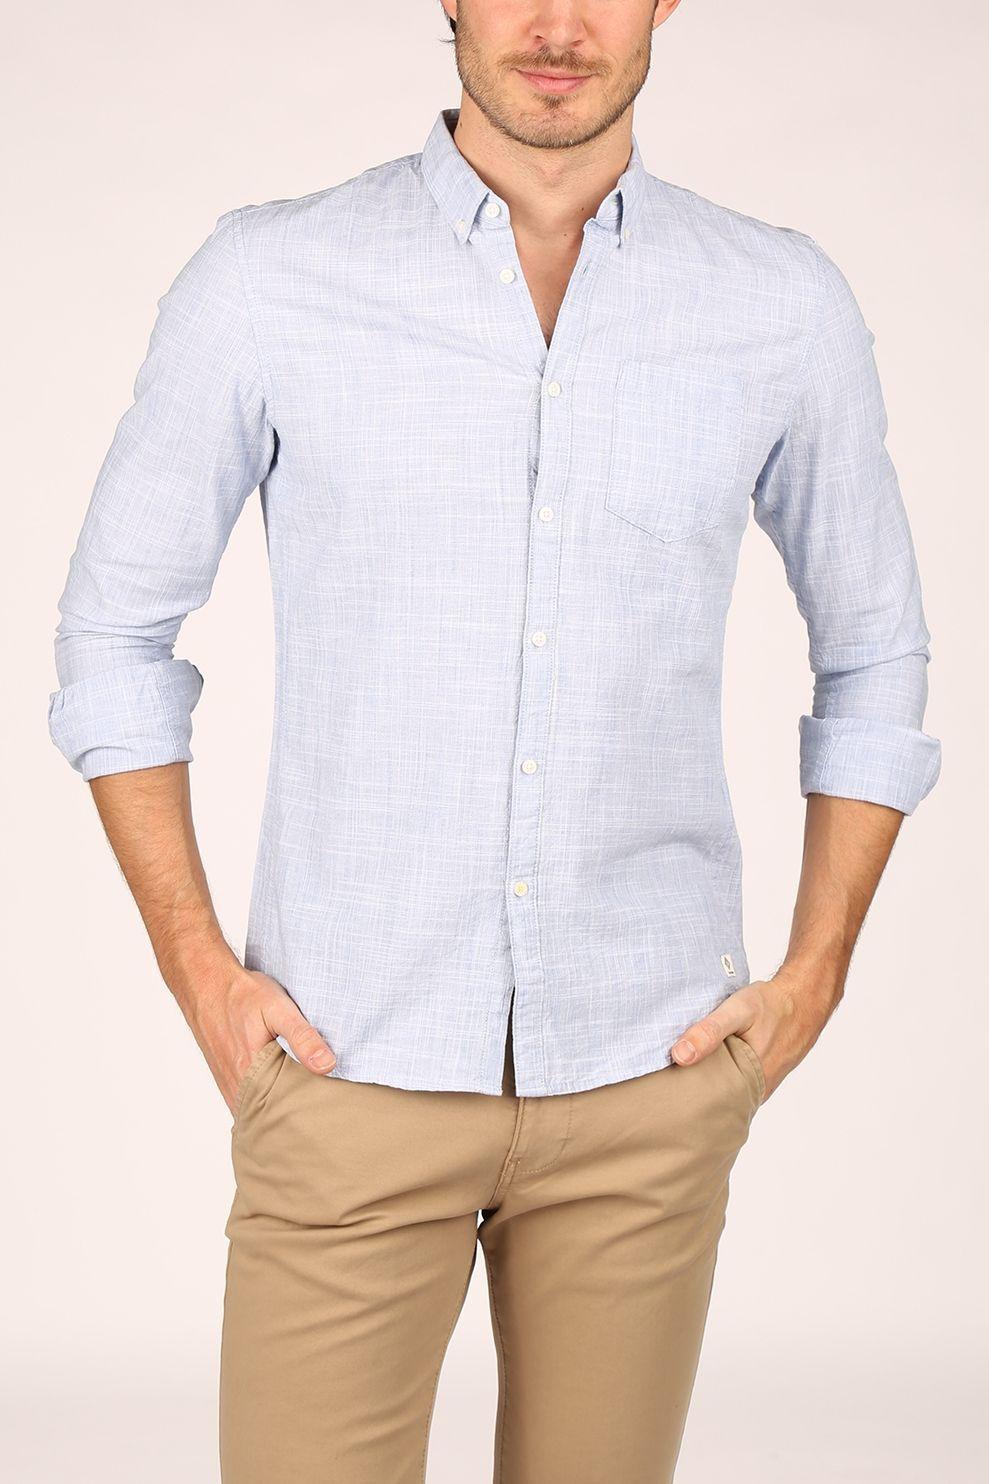 Tom Tailor Hemd 1022745 voor heren - Blauw - Maten: M, L, XL, XXL